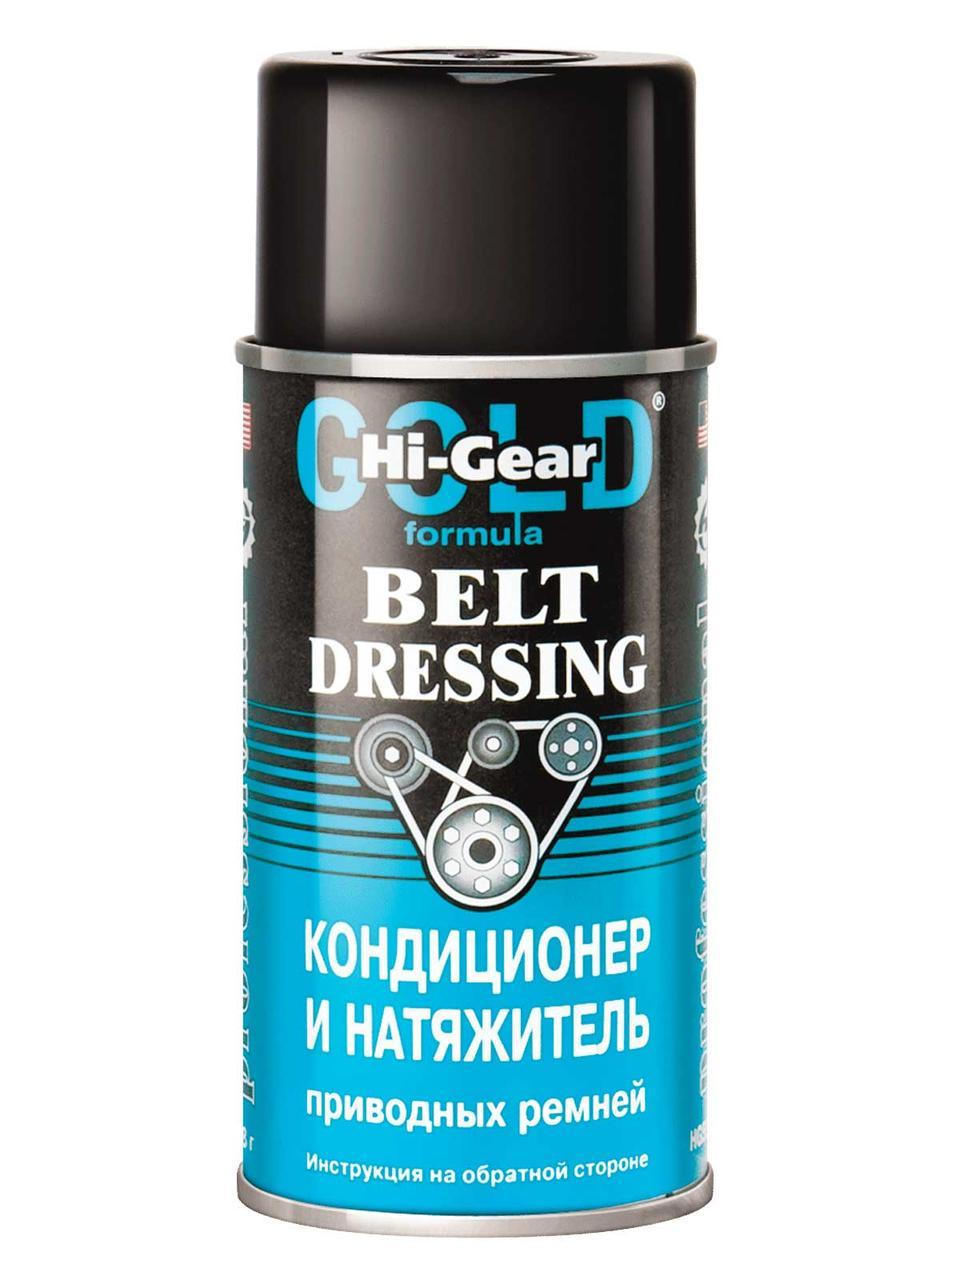 Кондиционер и натяжитель приводных ремней, Hi-Gear. 198 гр